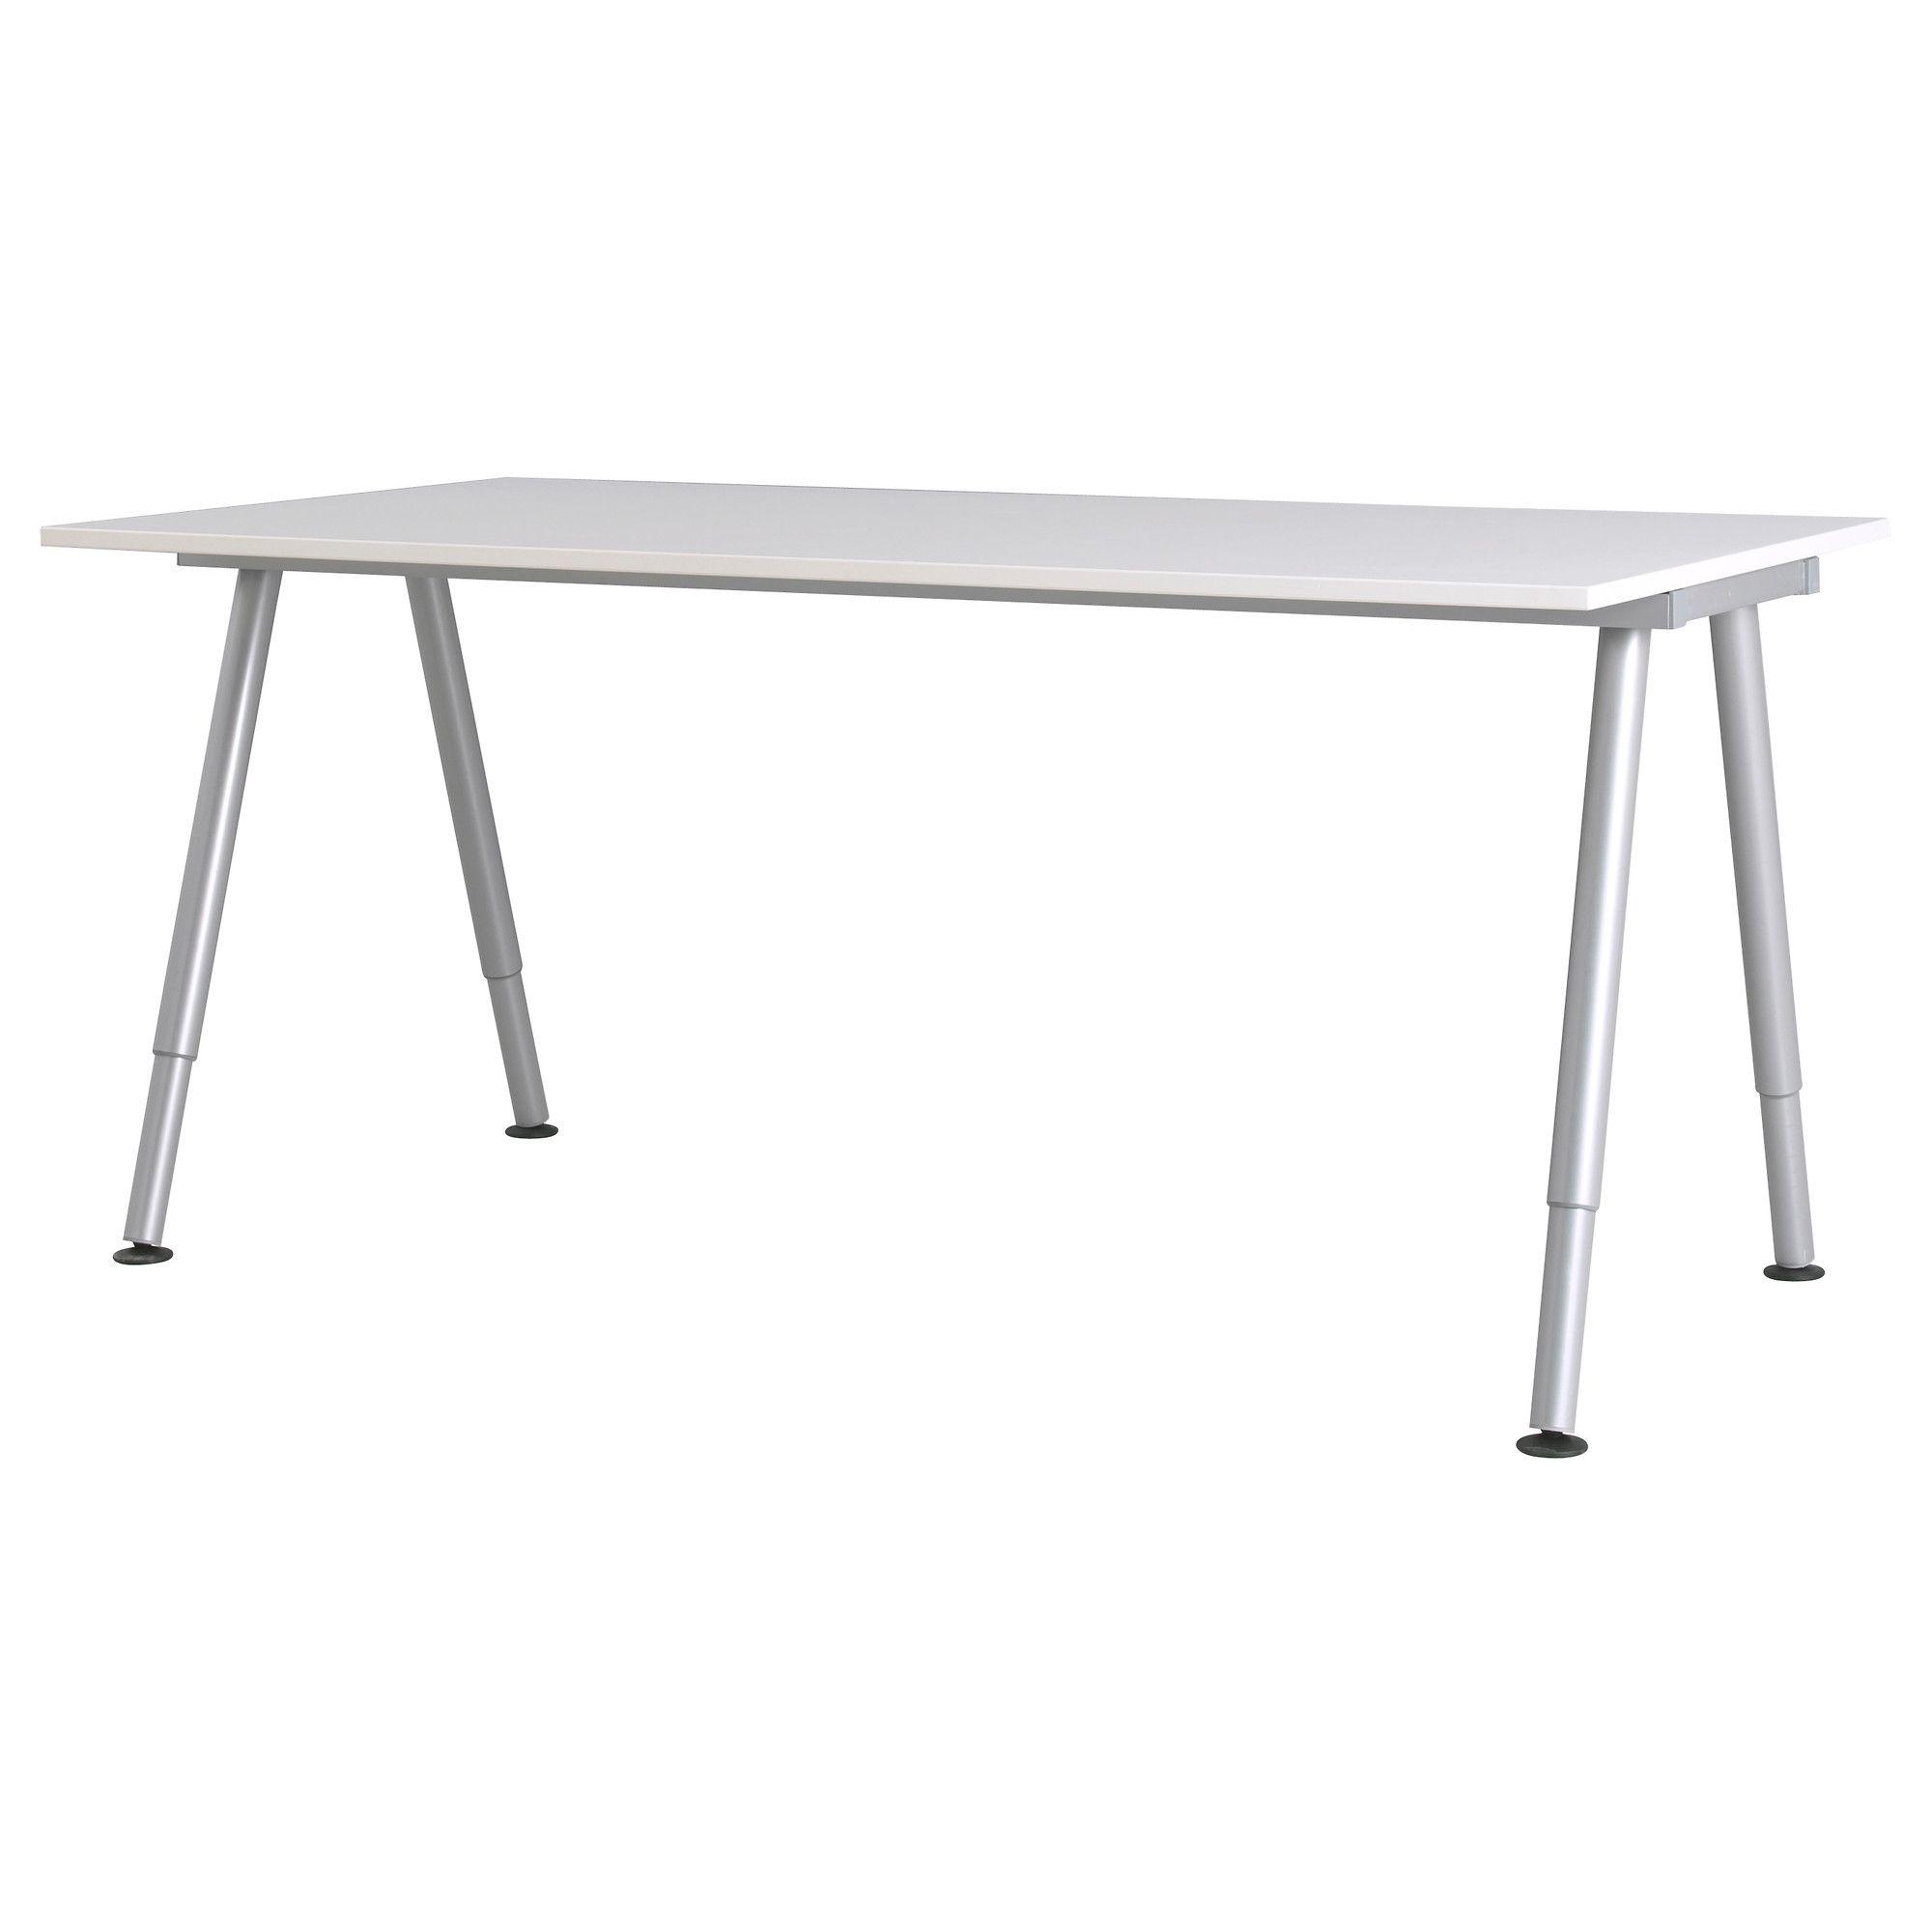 Ikea Galant Hoekbureau.Us Furniture And Home Furnishings Office Ideas Ikea